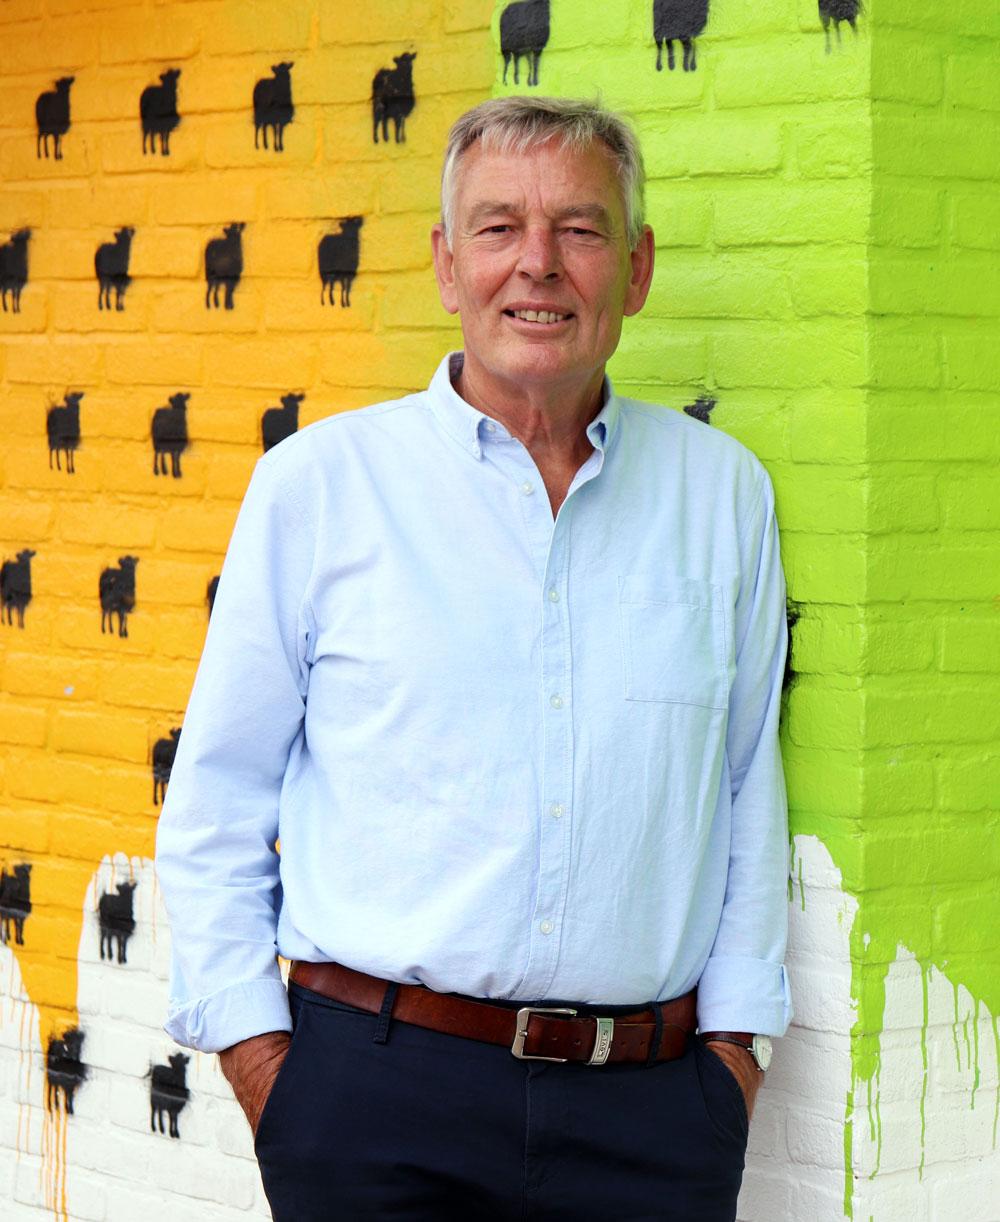 Toon Lamers, gemeentelijke ombudsman Oost Gelre